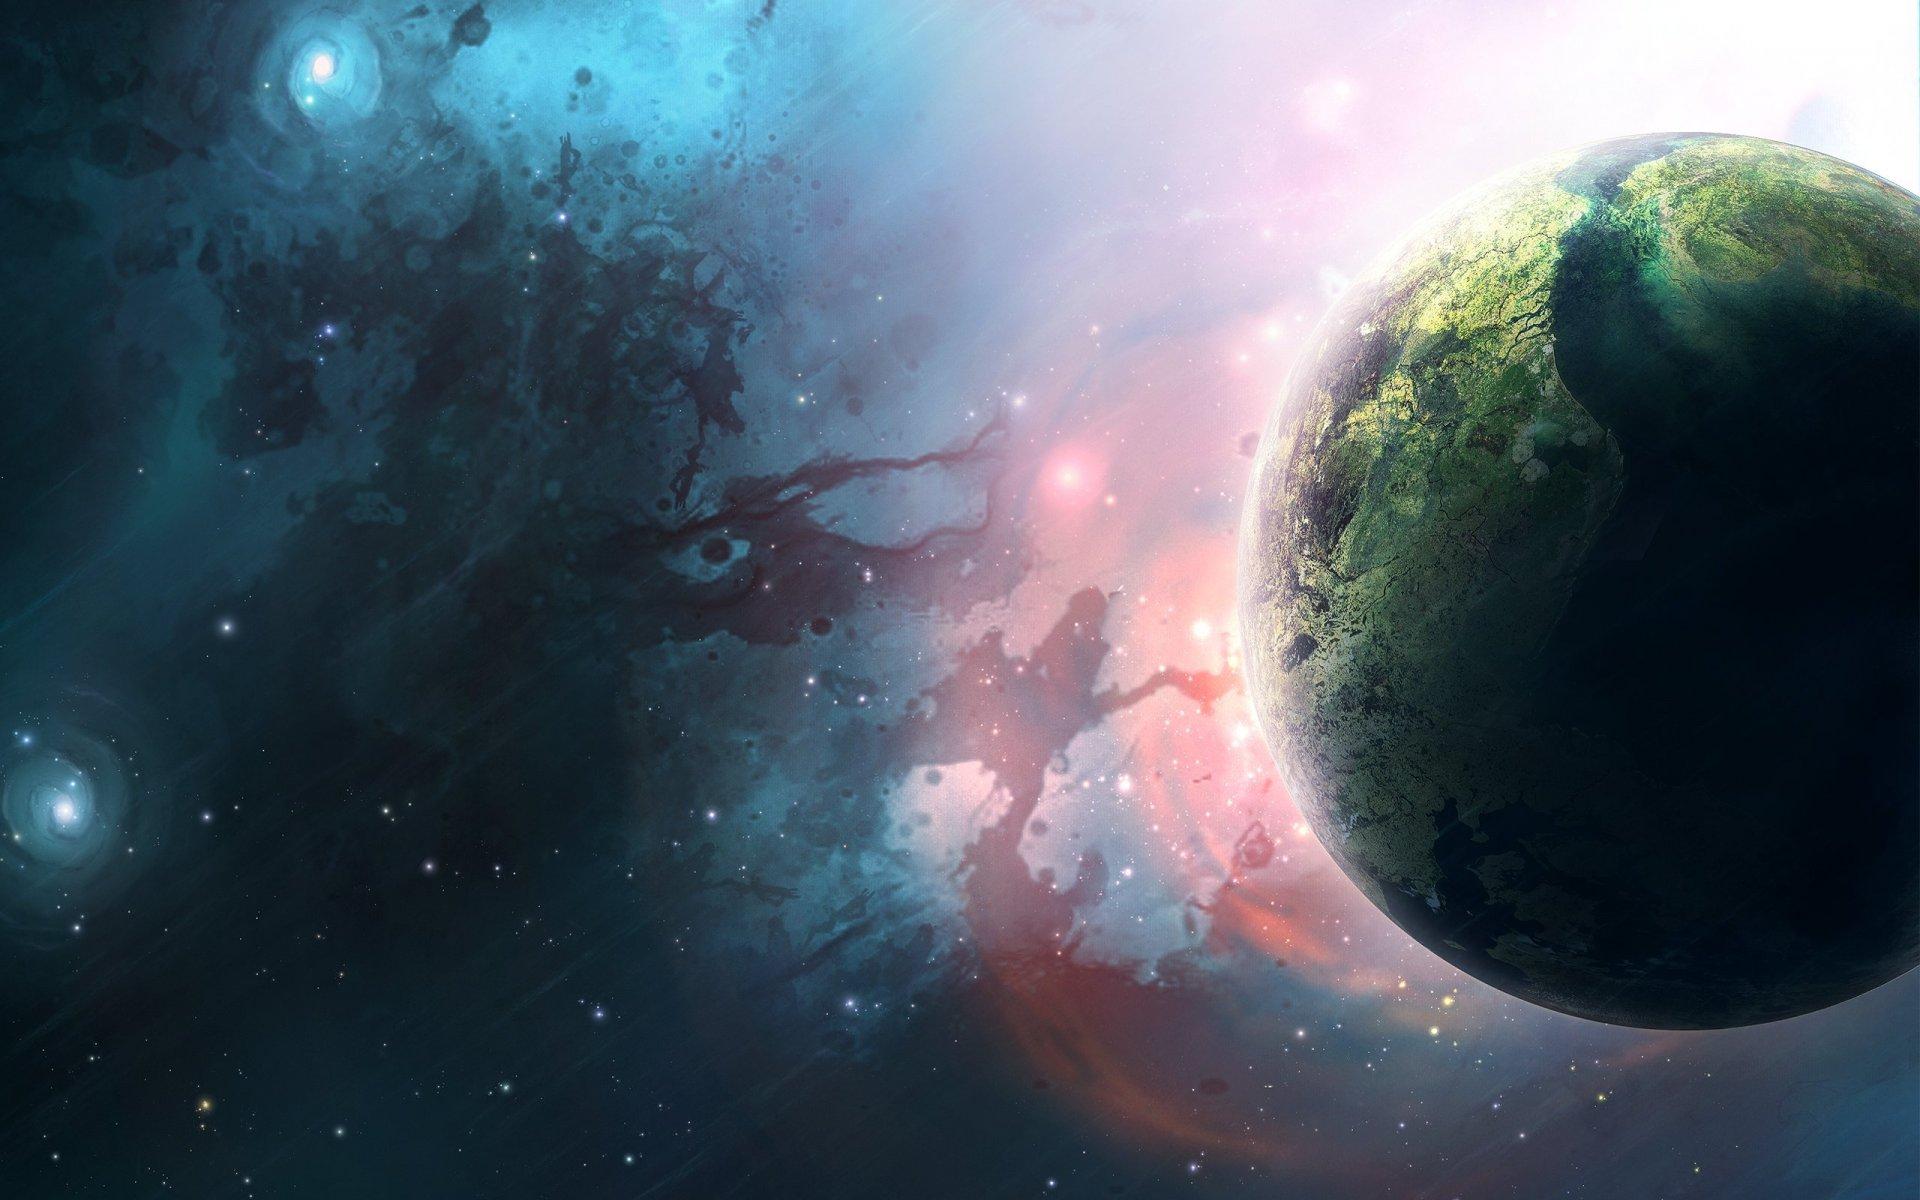 фото путешествие по вселенной взрослый соображалистый говорящий